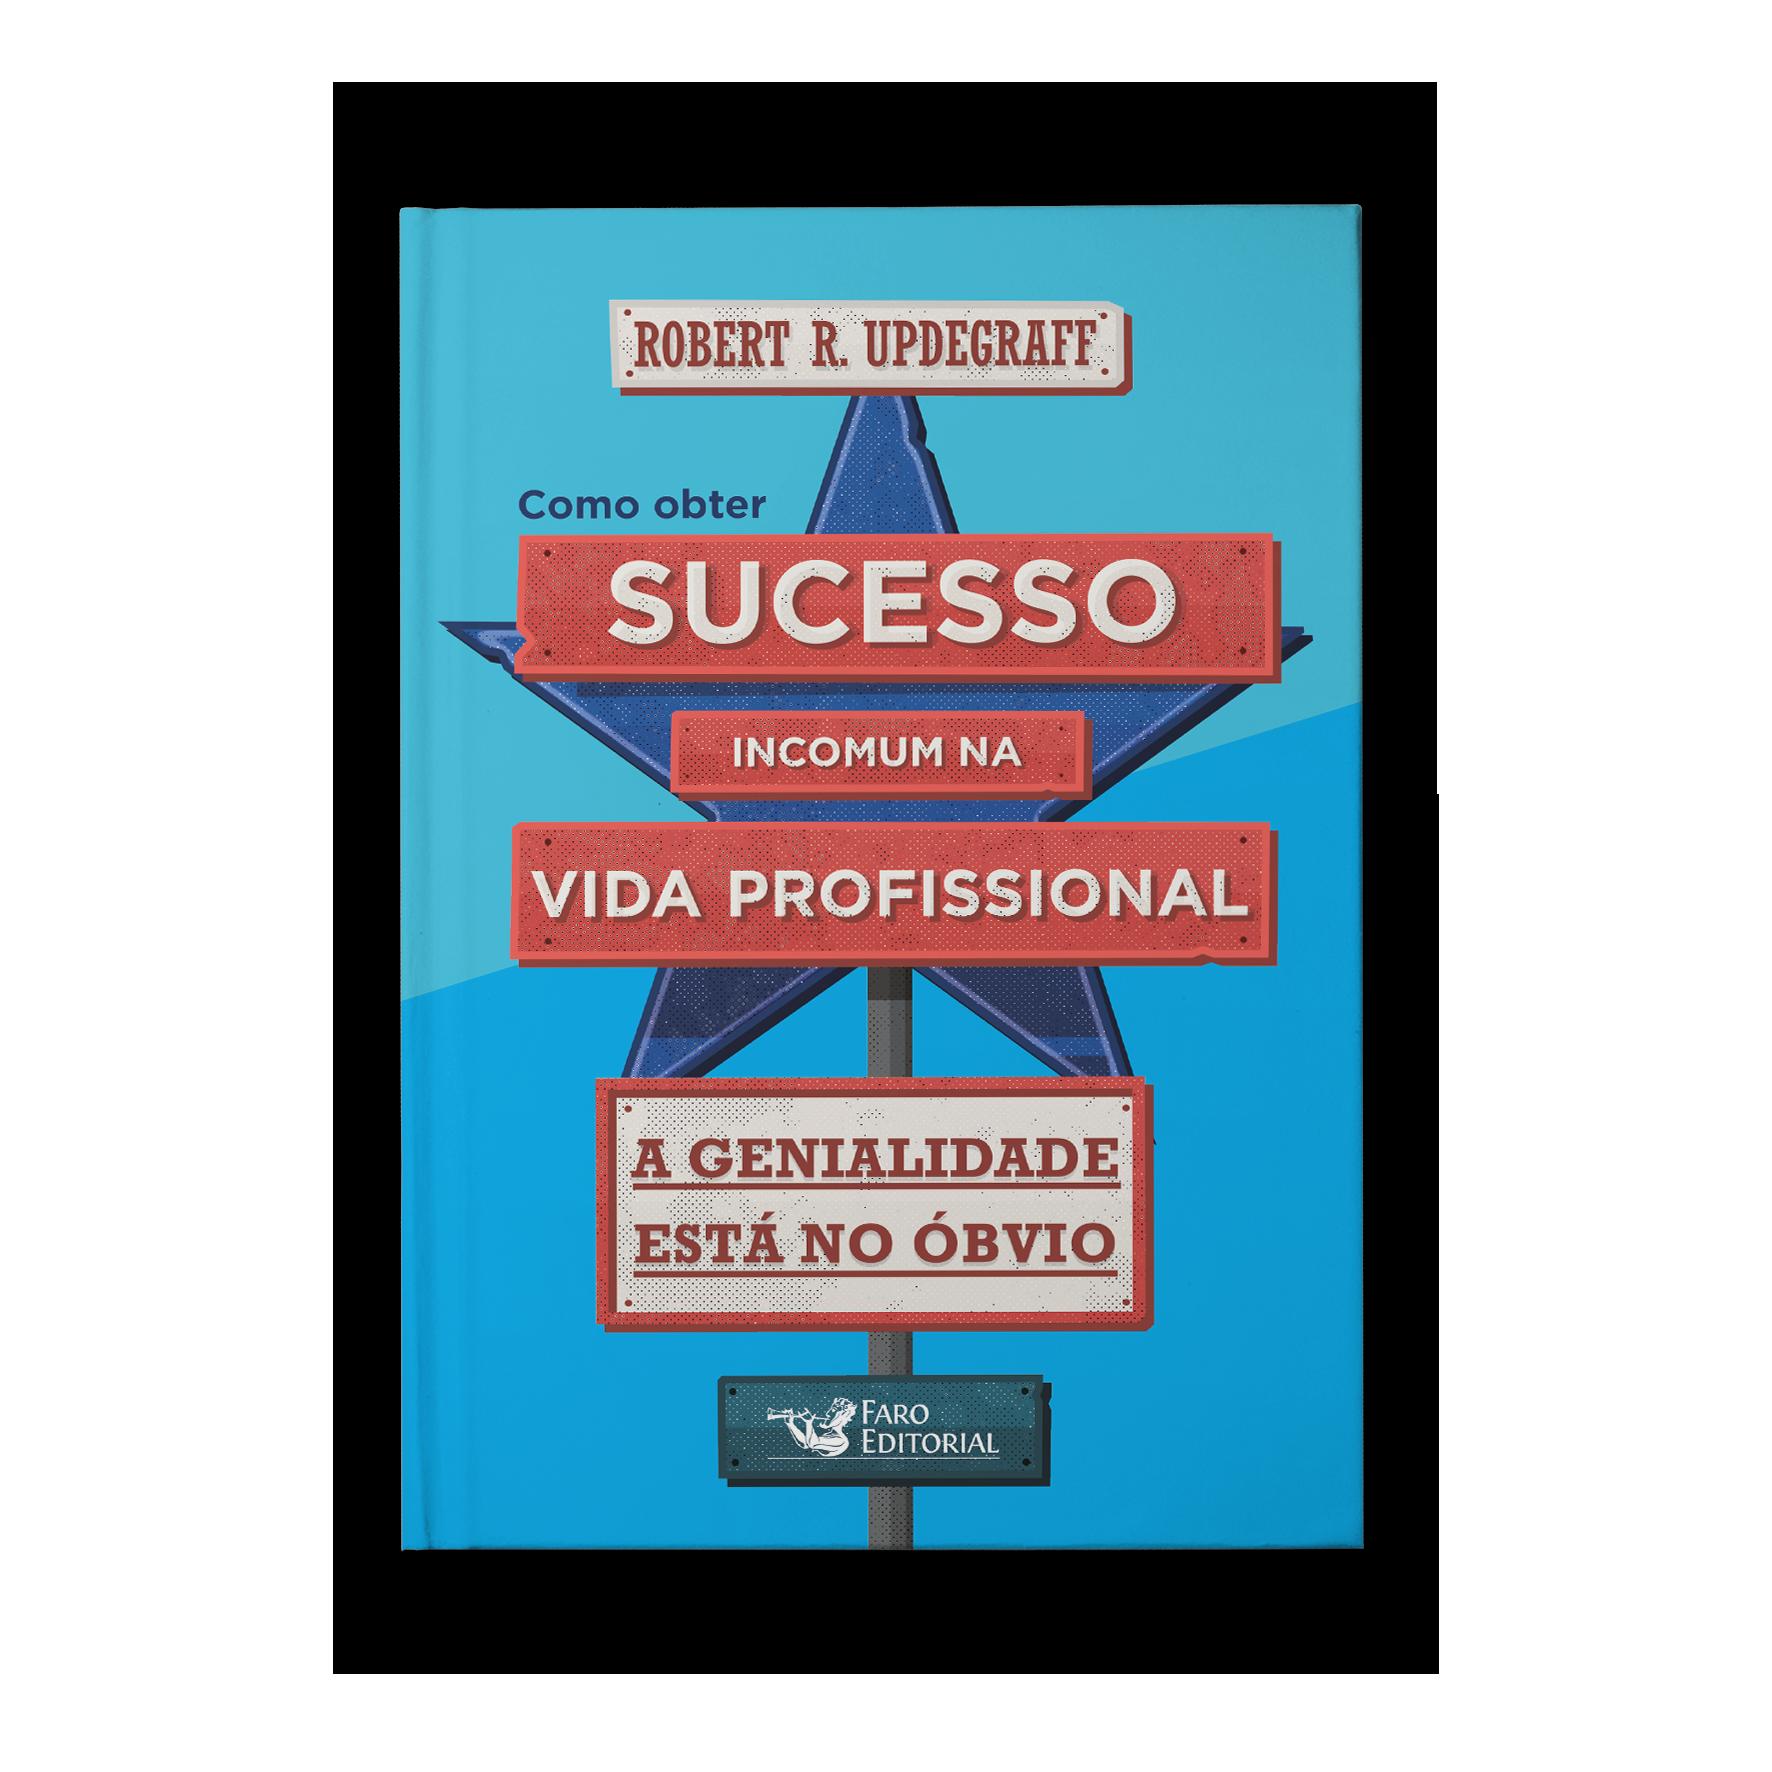 Como obter sucesso incomum na vida profissional: a genialidade está no óbvio – Robert R. Updegraff